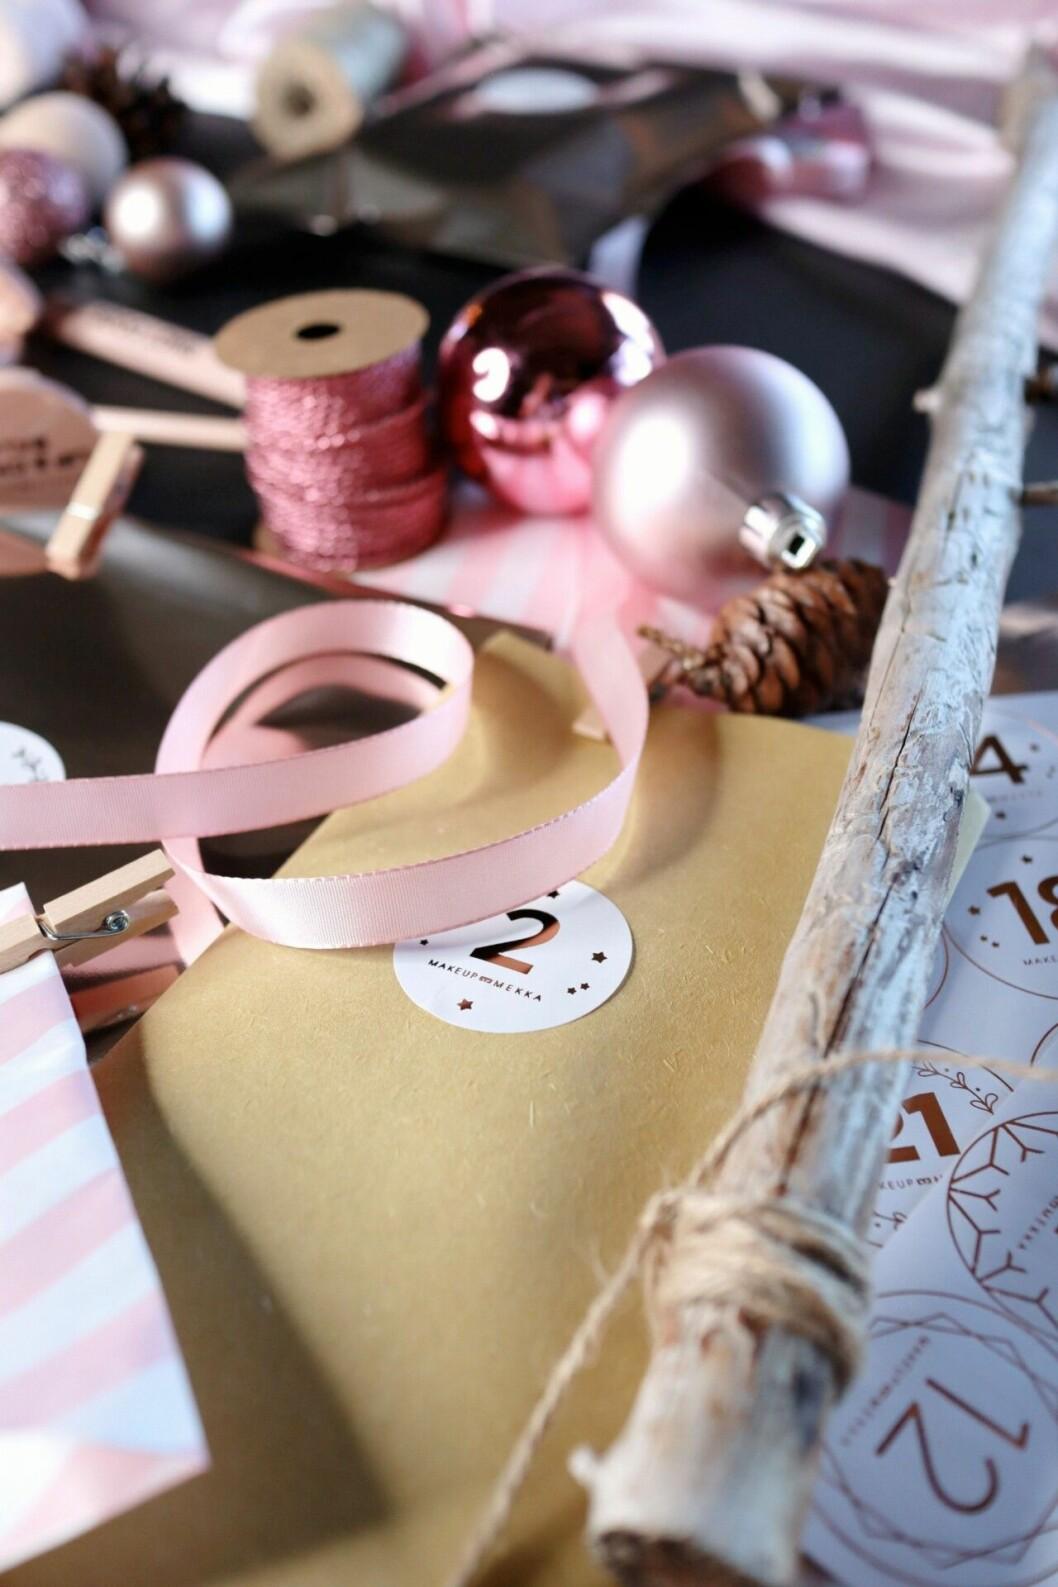 paket, snören och julkulor bredvid varandra